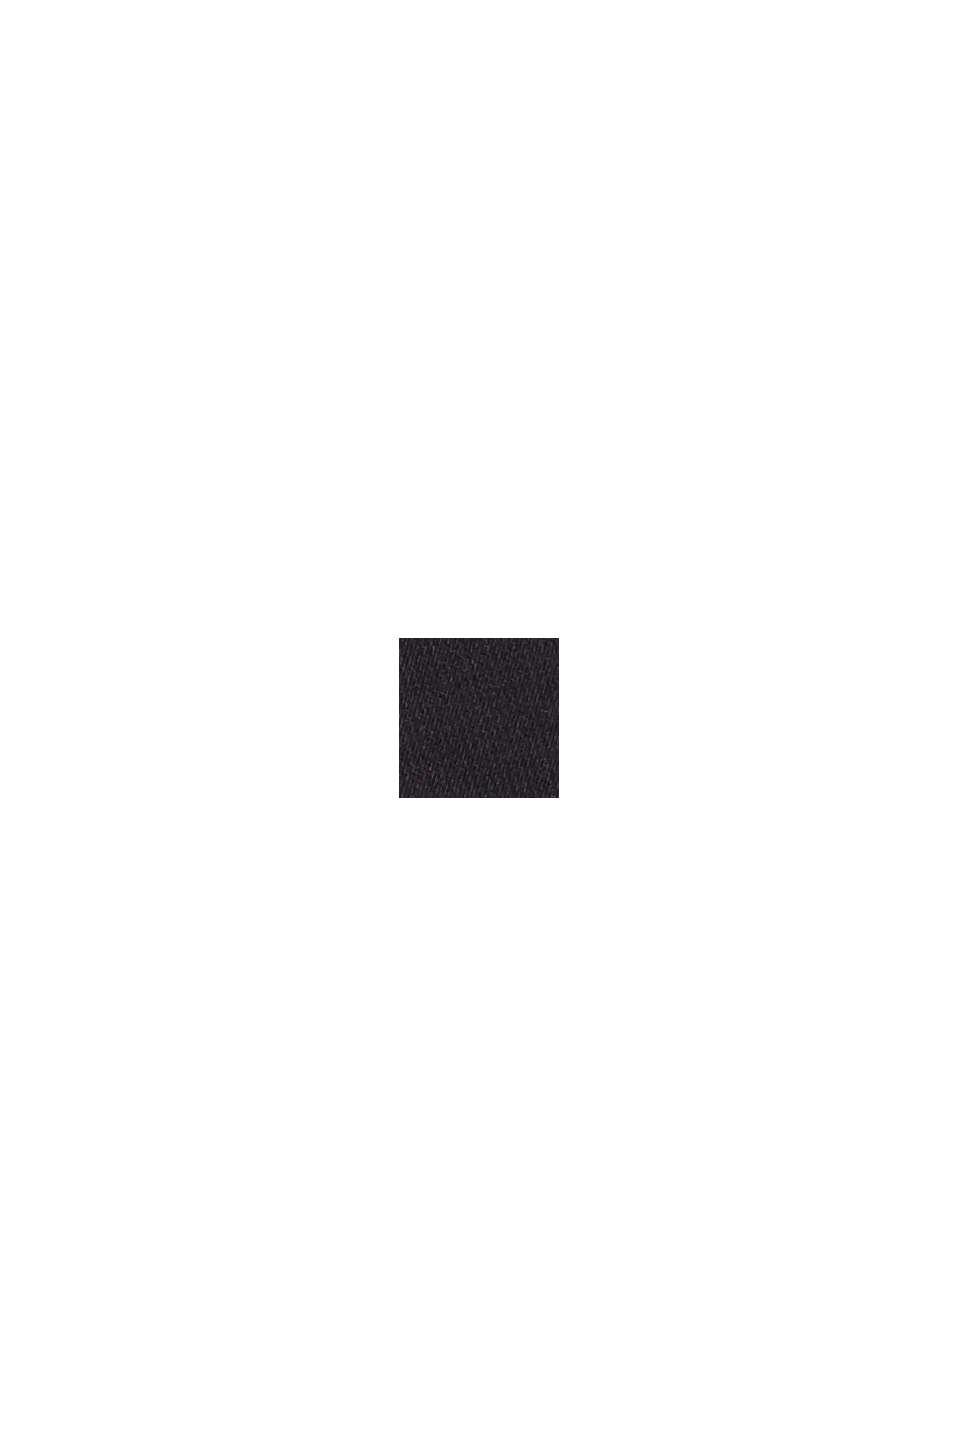 Chaleco acolchado reversible con relleno de plumón reciclado, BLACK, swatch